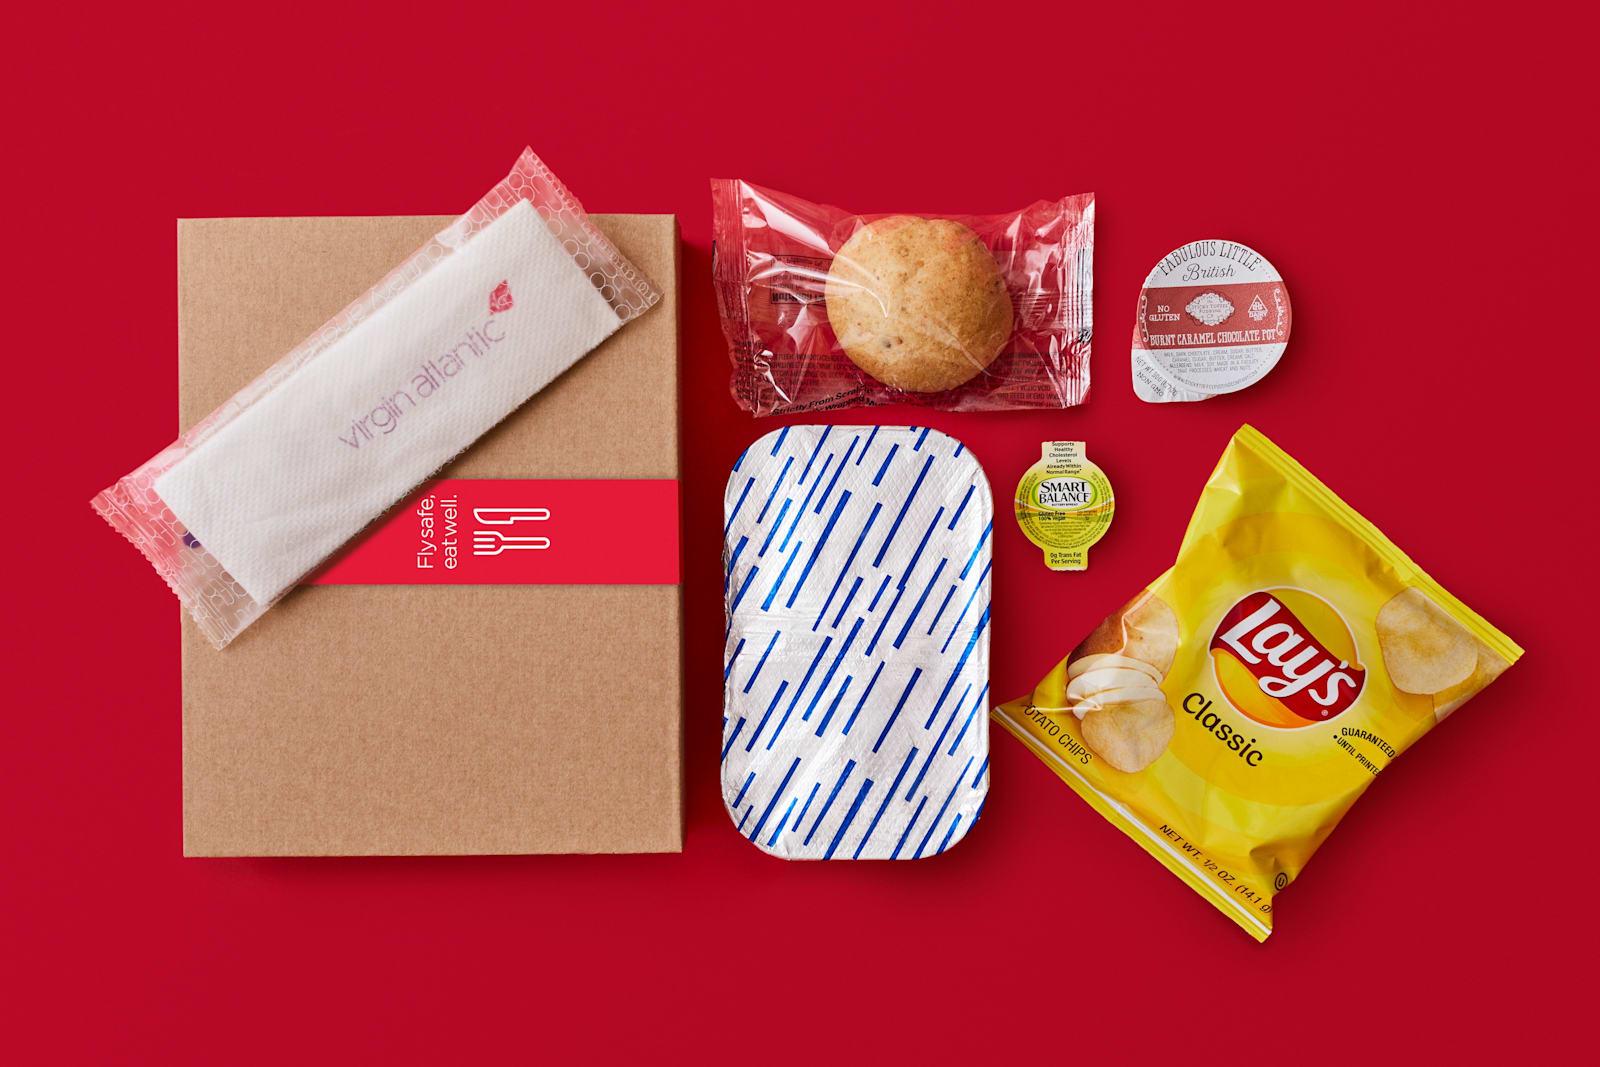 Virgin Atlantic's food box for customers